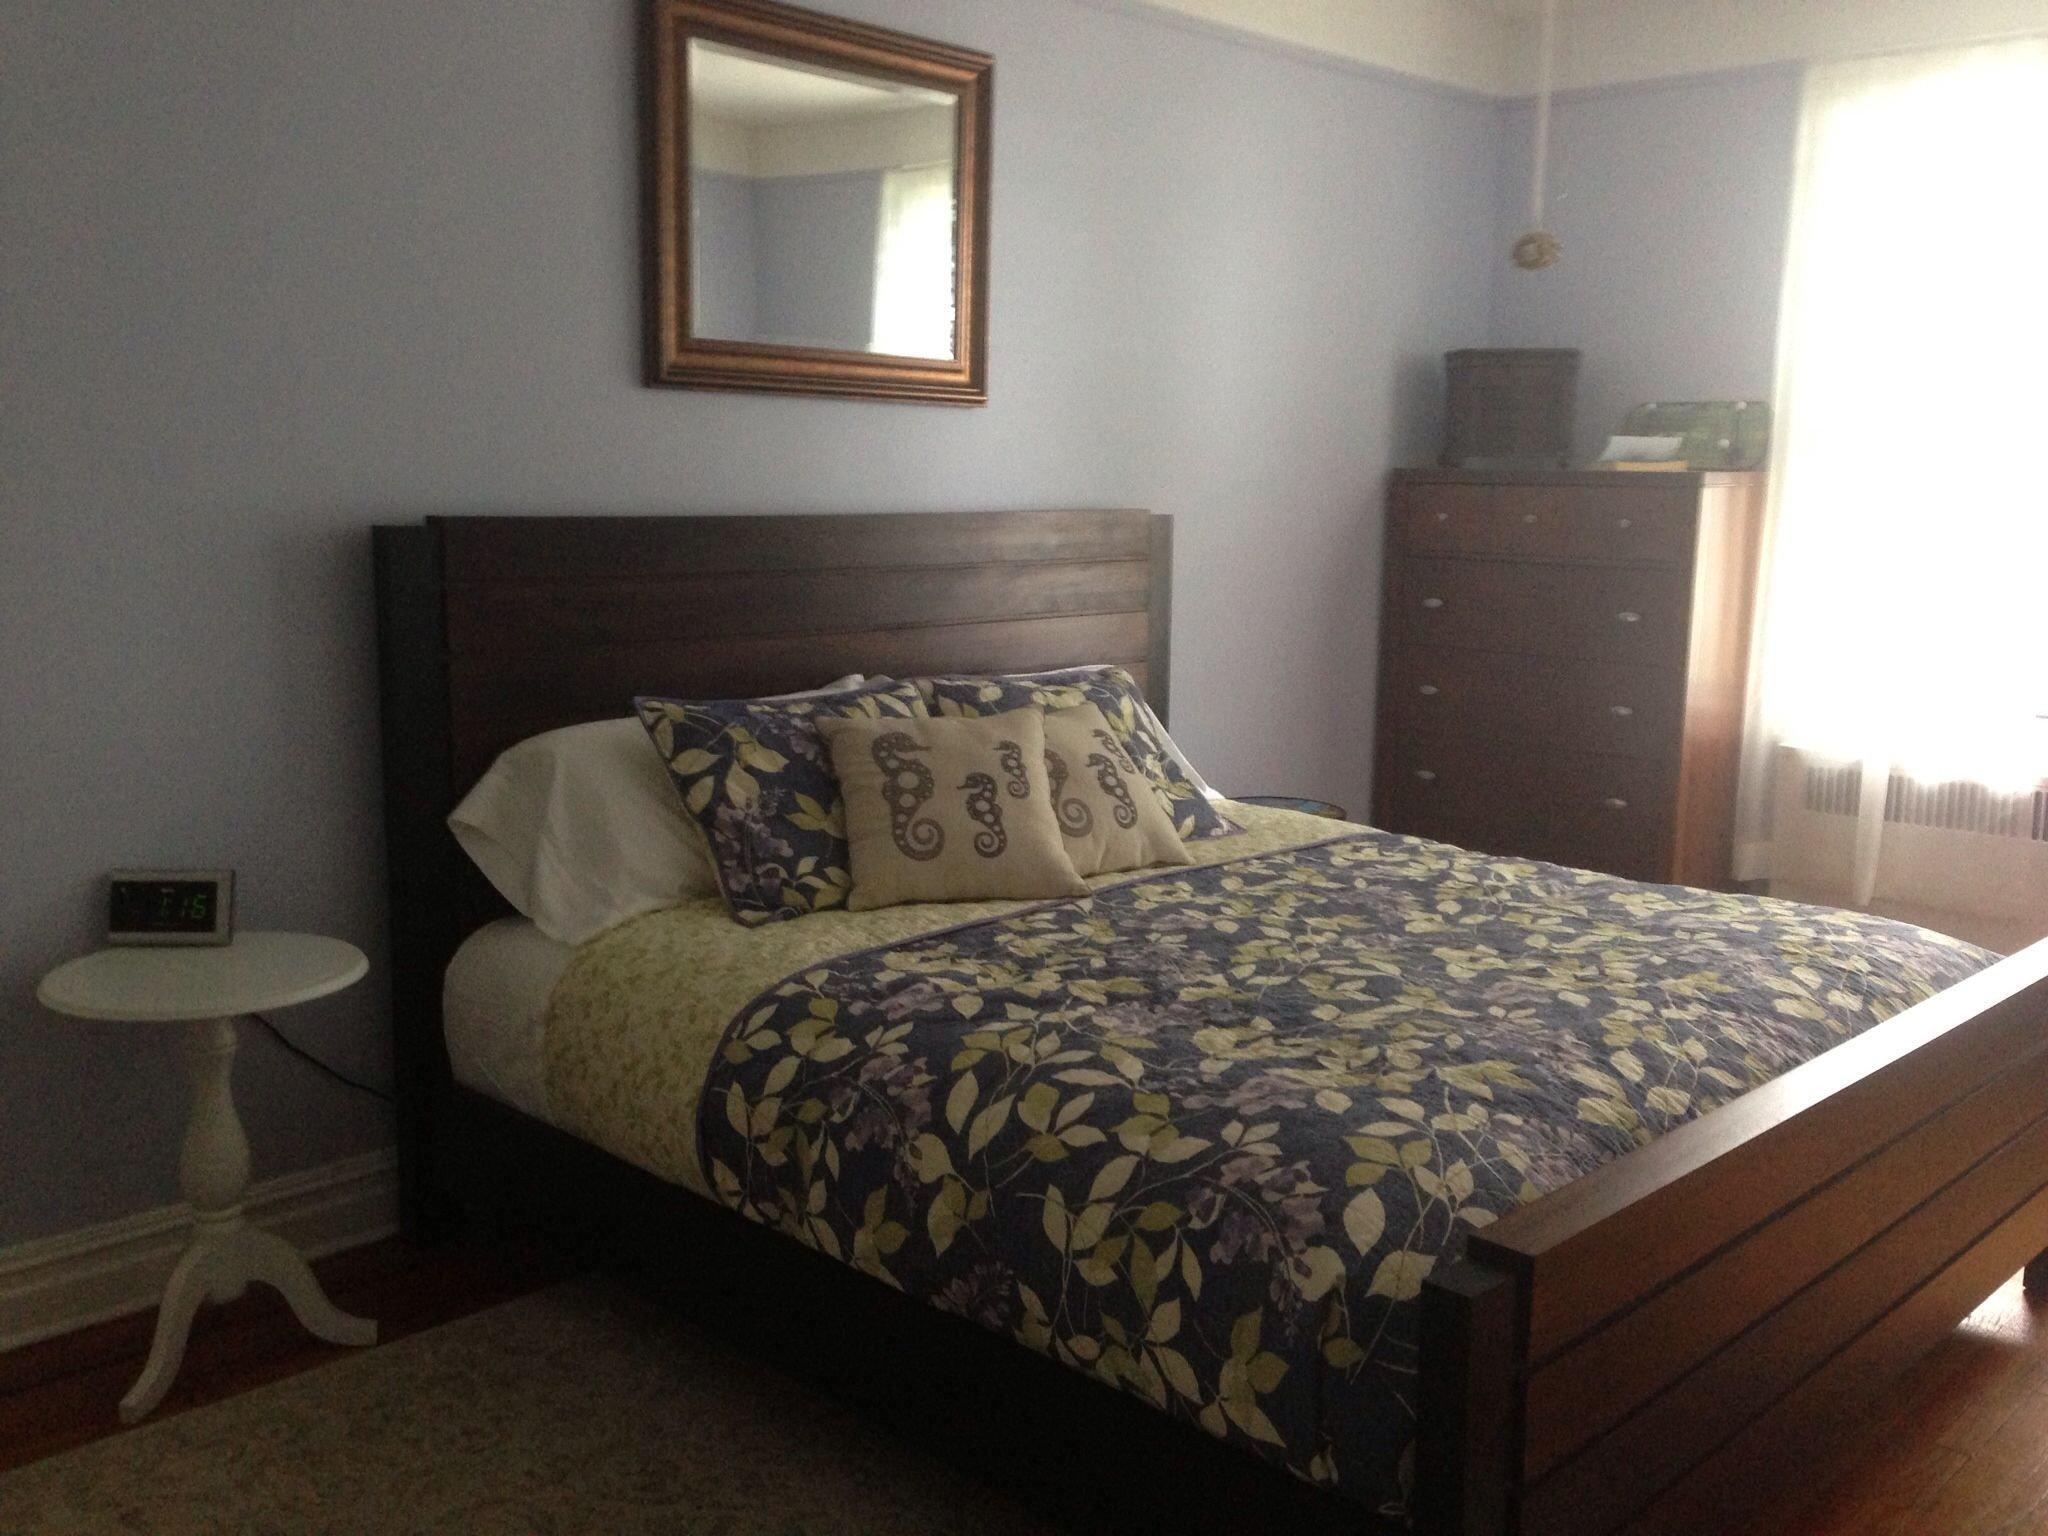 Bob Discount Furniture Bedroom Set Inspirational forsyth Bed Crate & Barrel